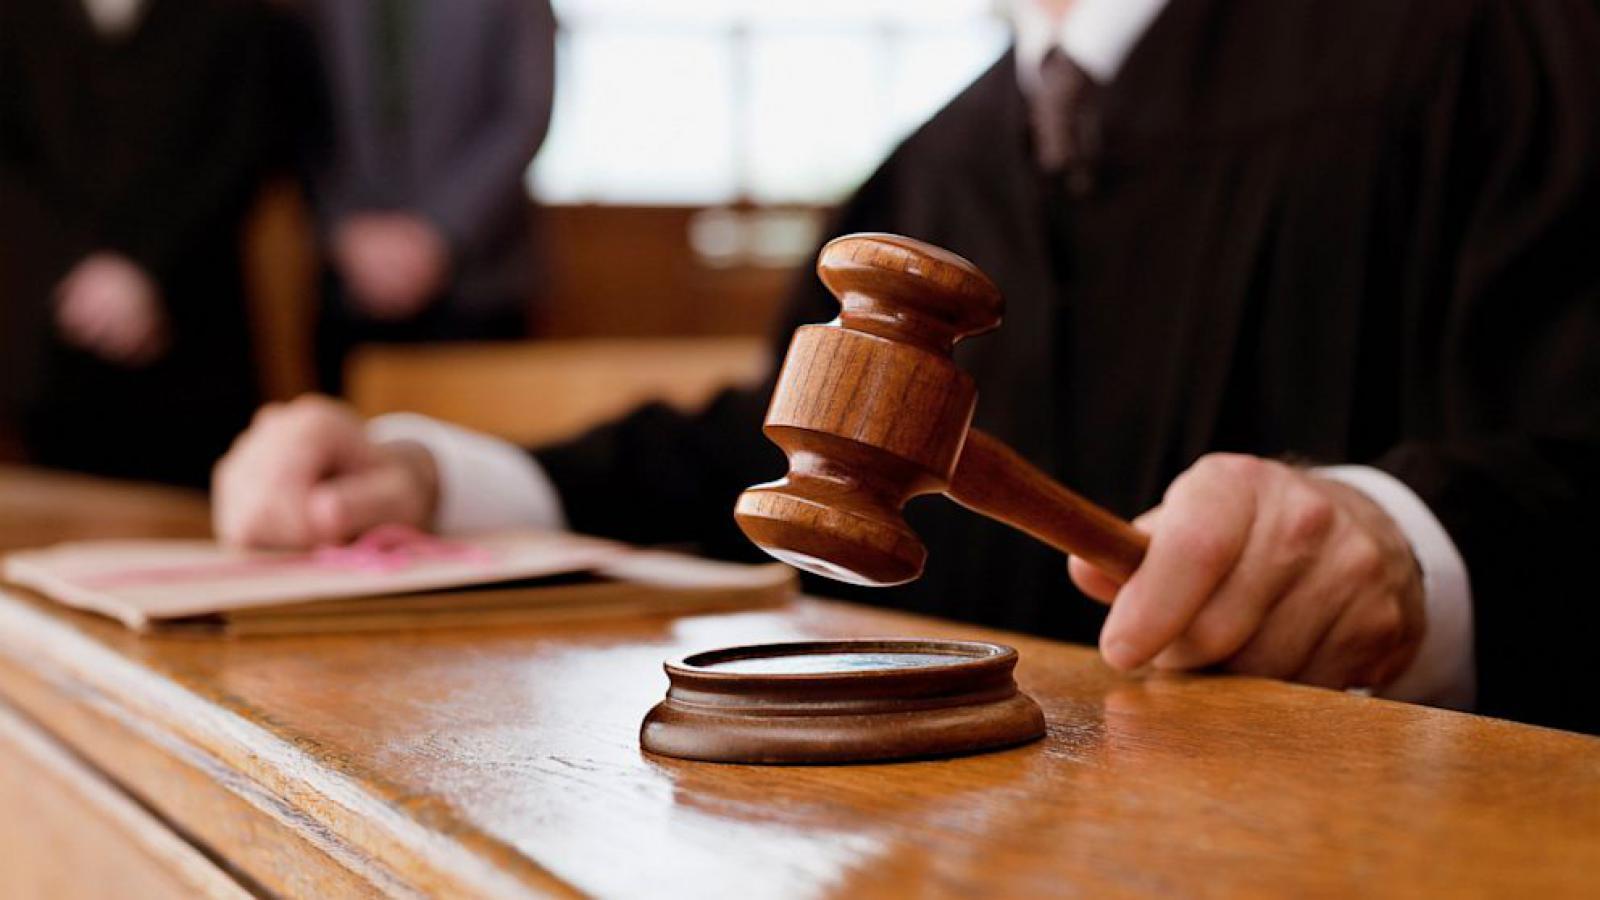 ВПервоуральске осужден мужчина, скрывавшийся отправосудия 12 лет